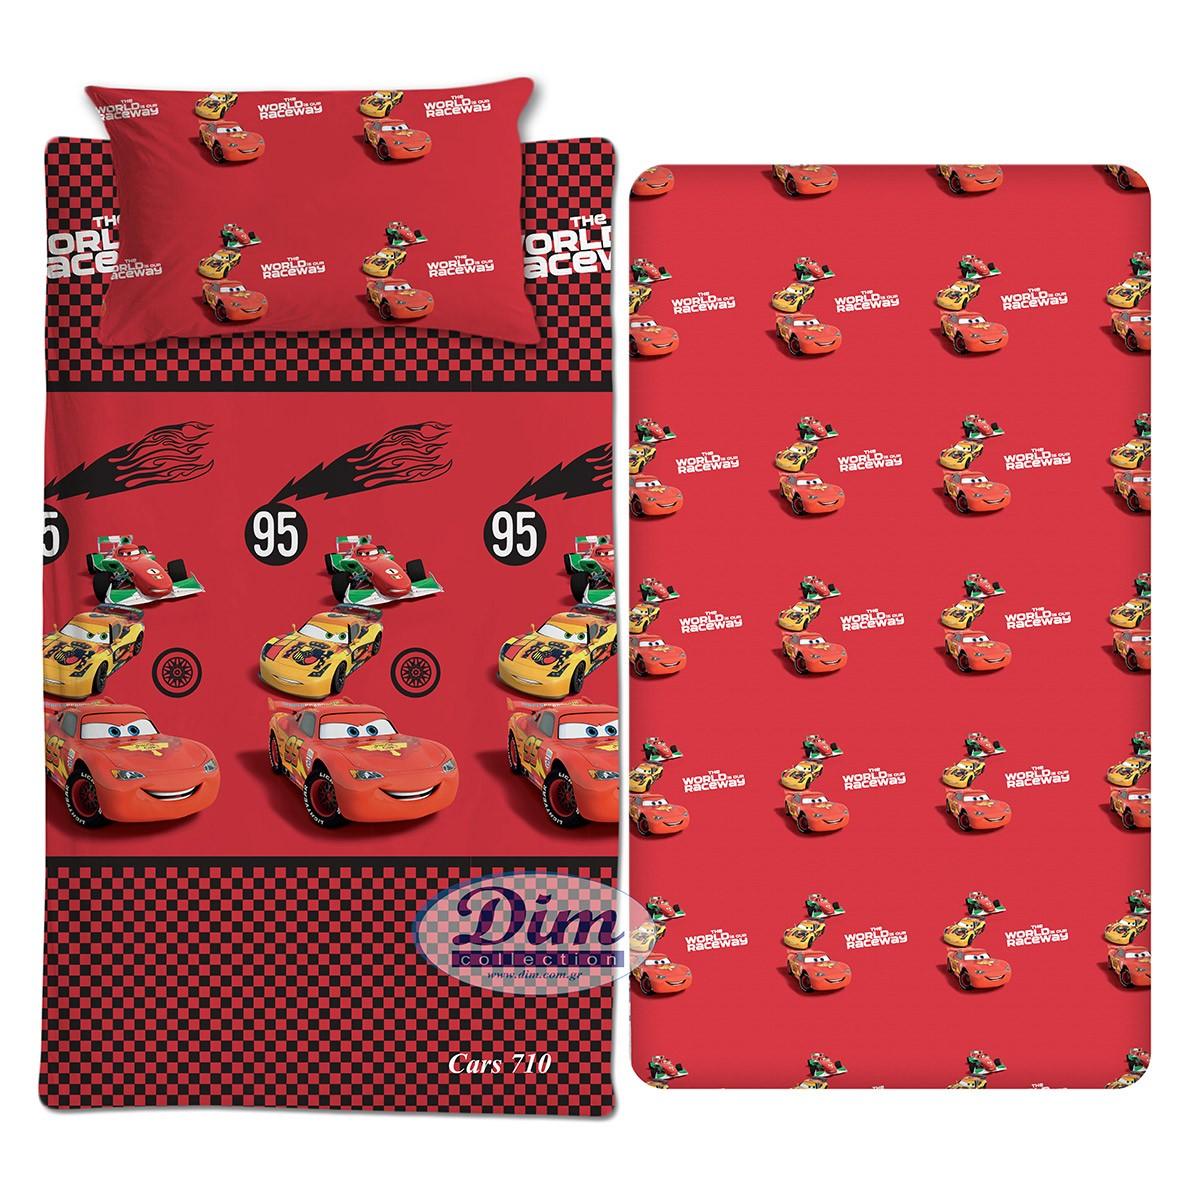 Σεντόνια Μονά (Σετ) Dim Collection Cars 710